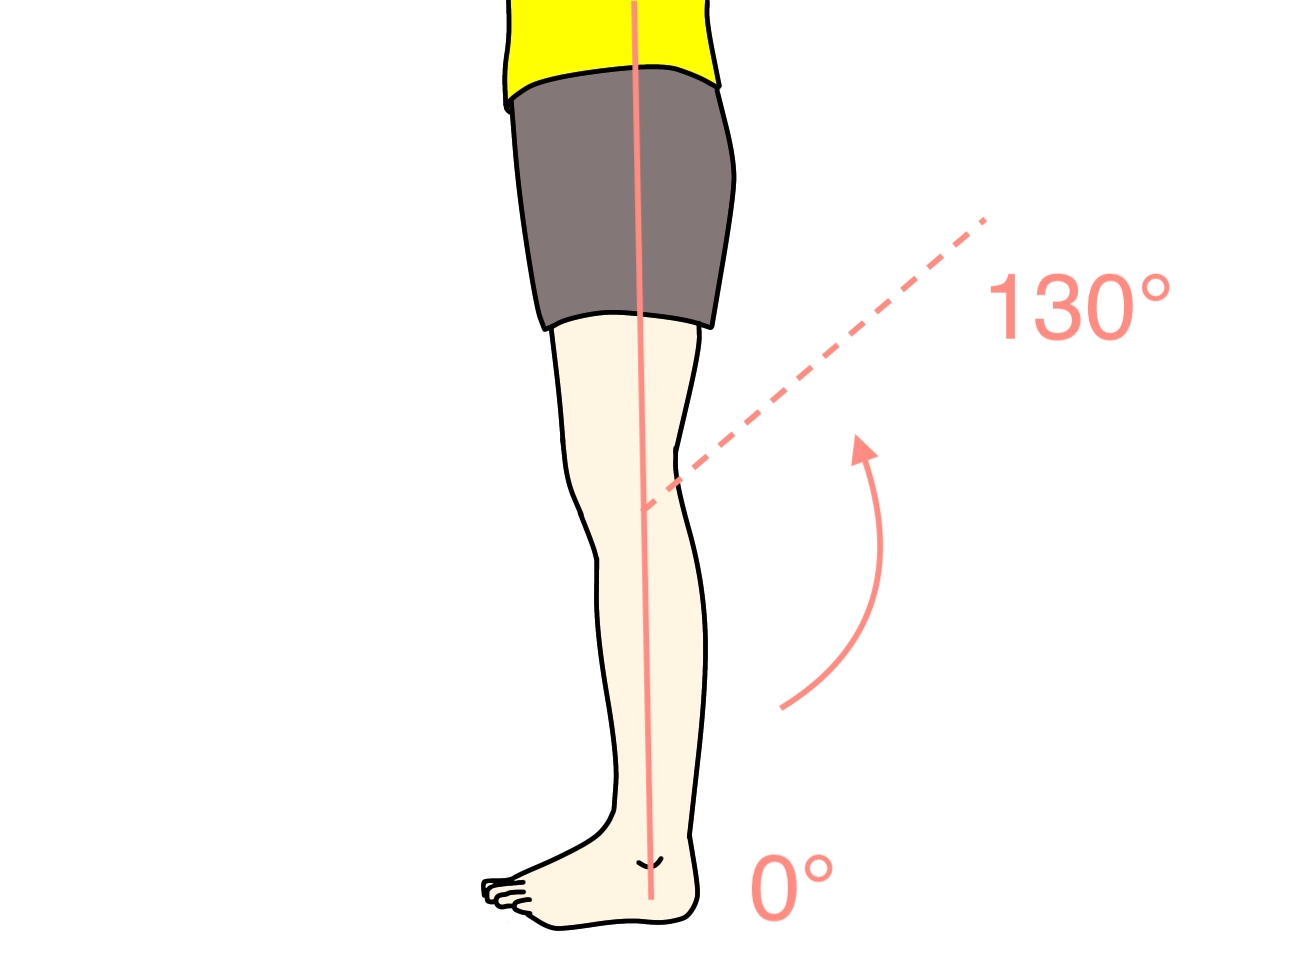 膝を曲げる動作(膝関節の屈曲)の関節可動域(ROM)と働く筋肉のまとめ